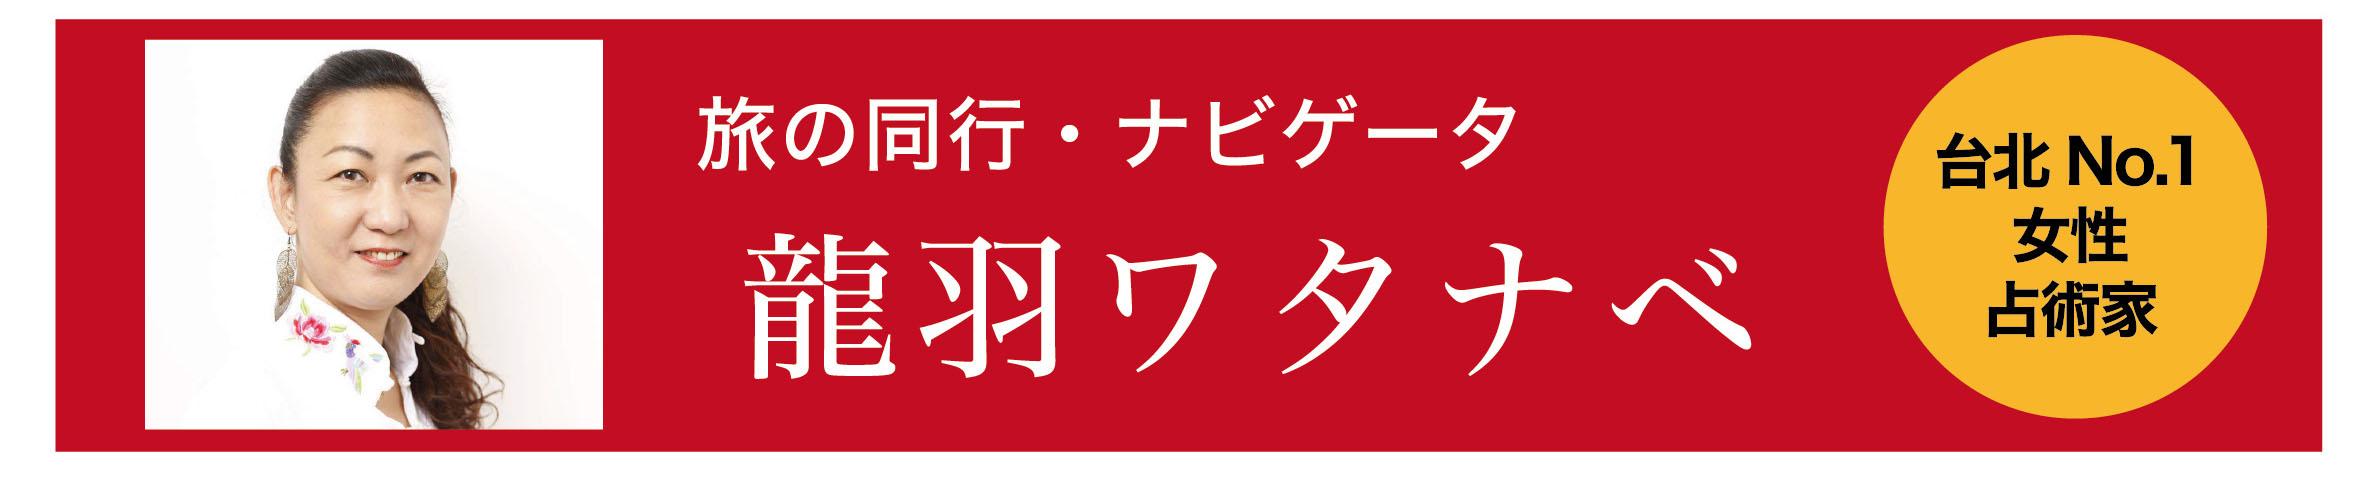 ④旅のナビ 龍羽プロ